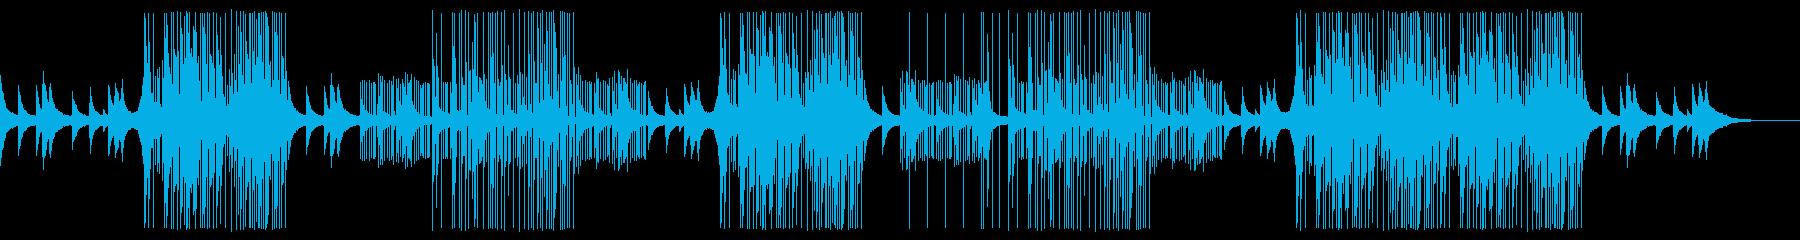 メロディックな洋楽トラップビートの再生済みの波形